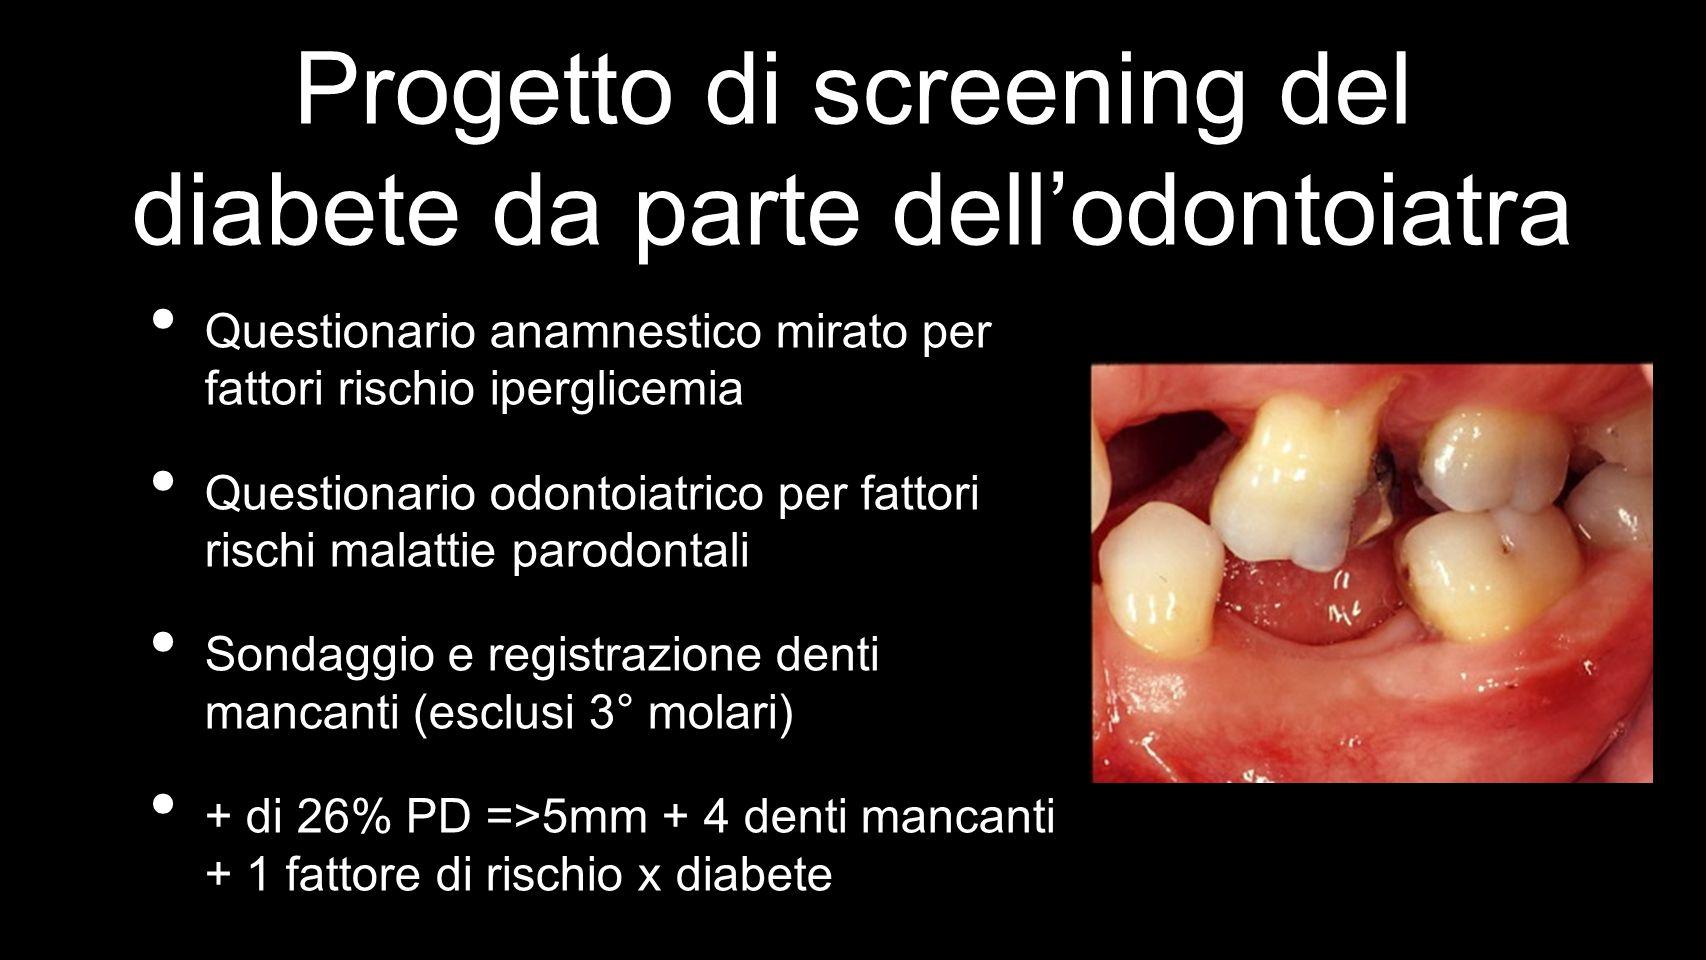 Progetto di screening del diabete da parte dell'odontoiatra